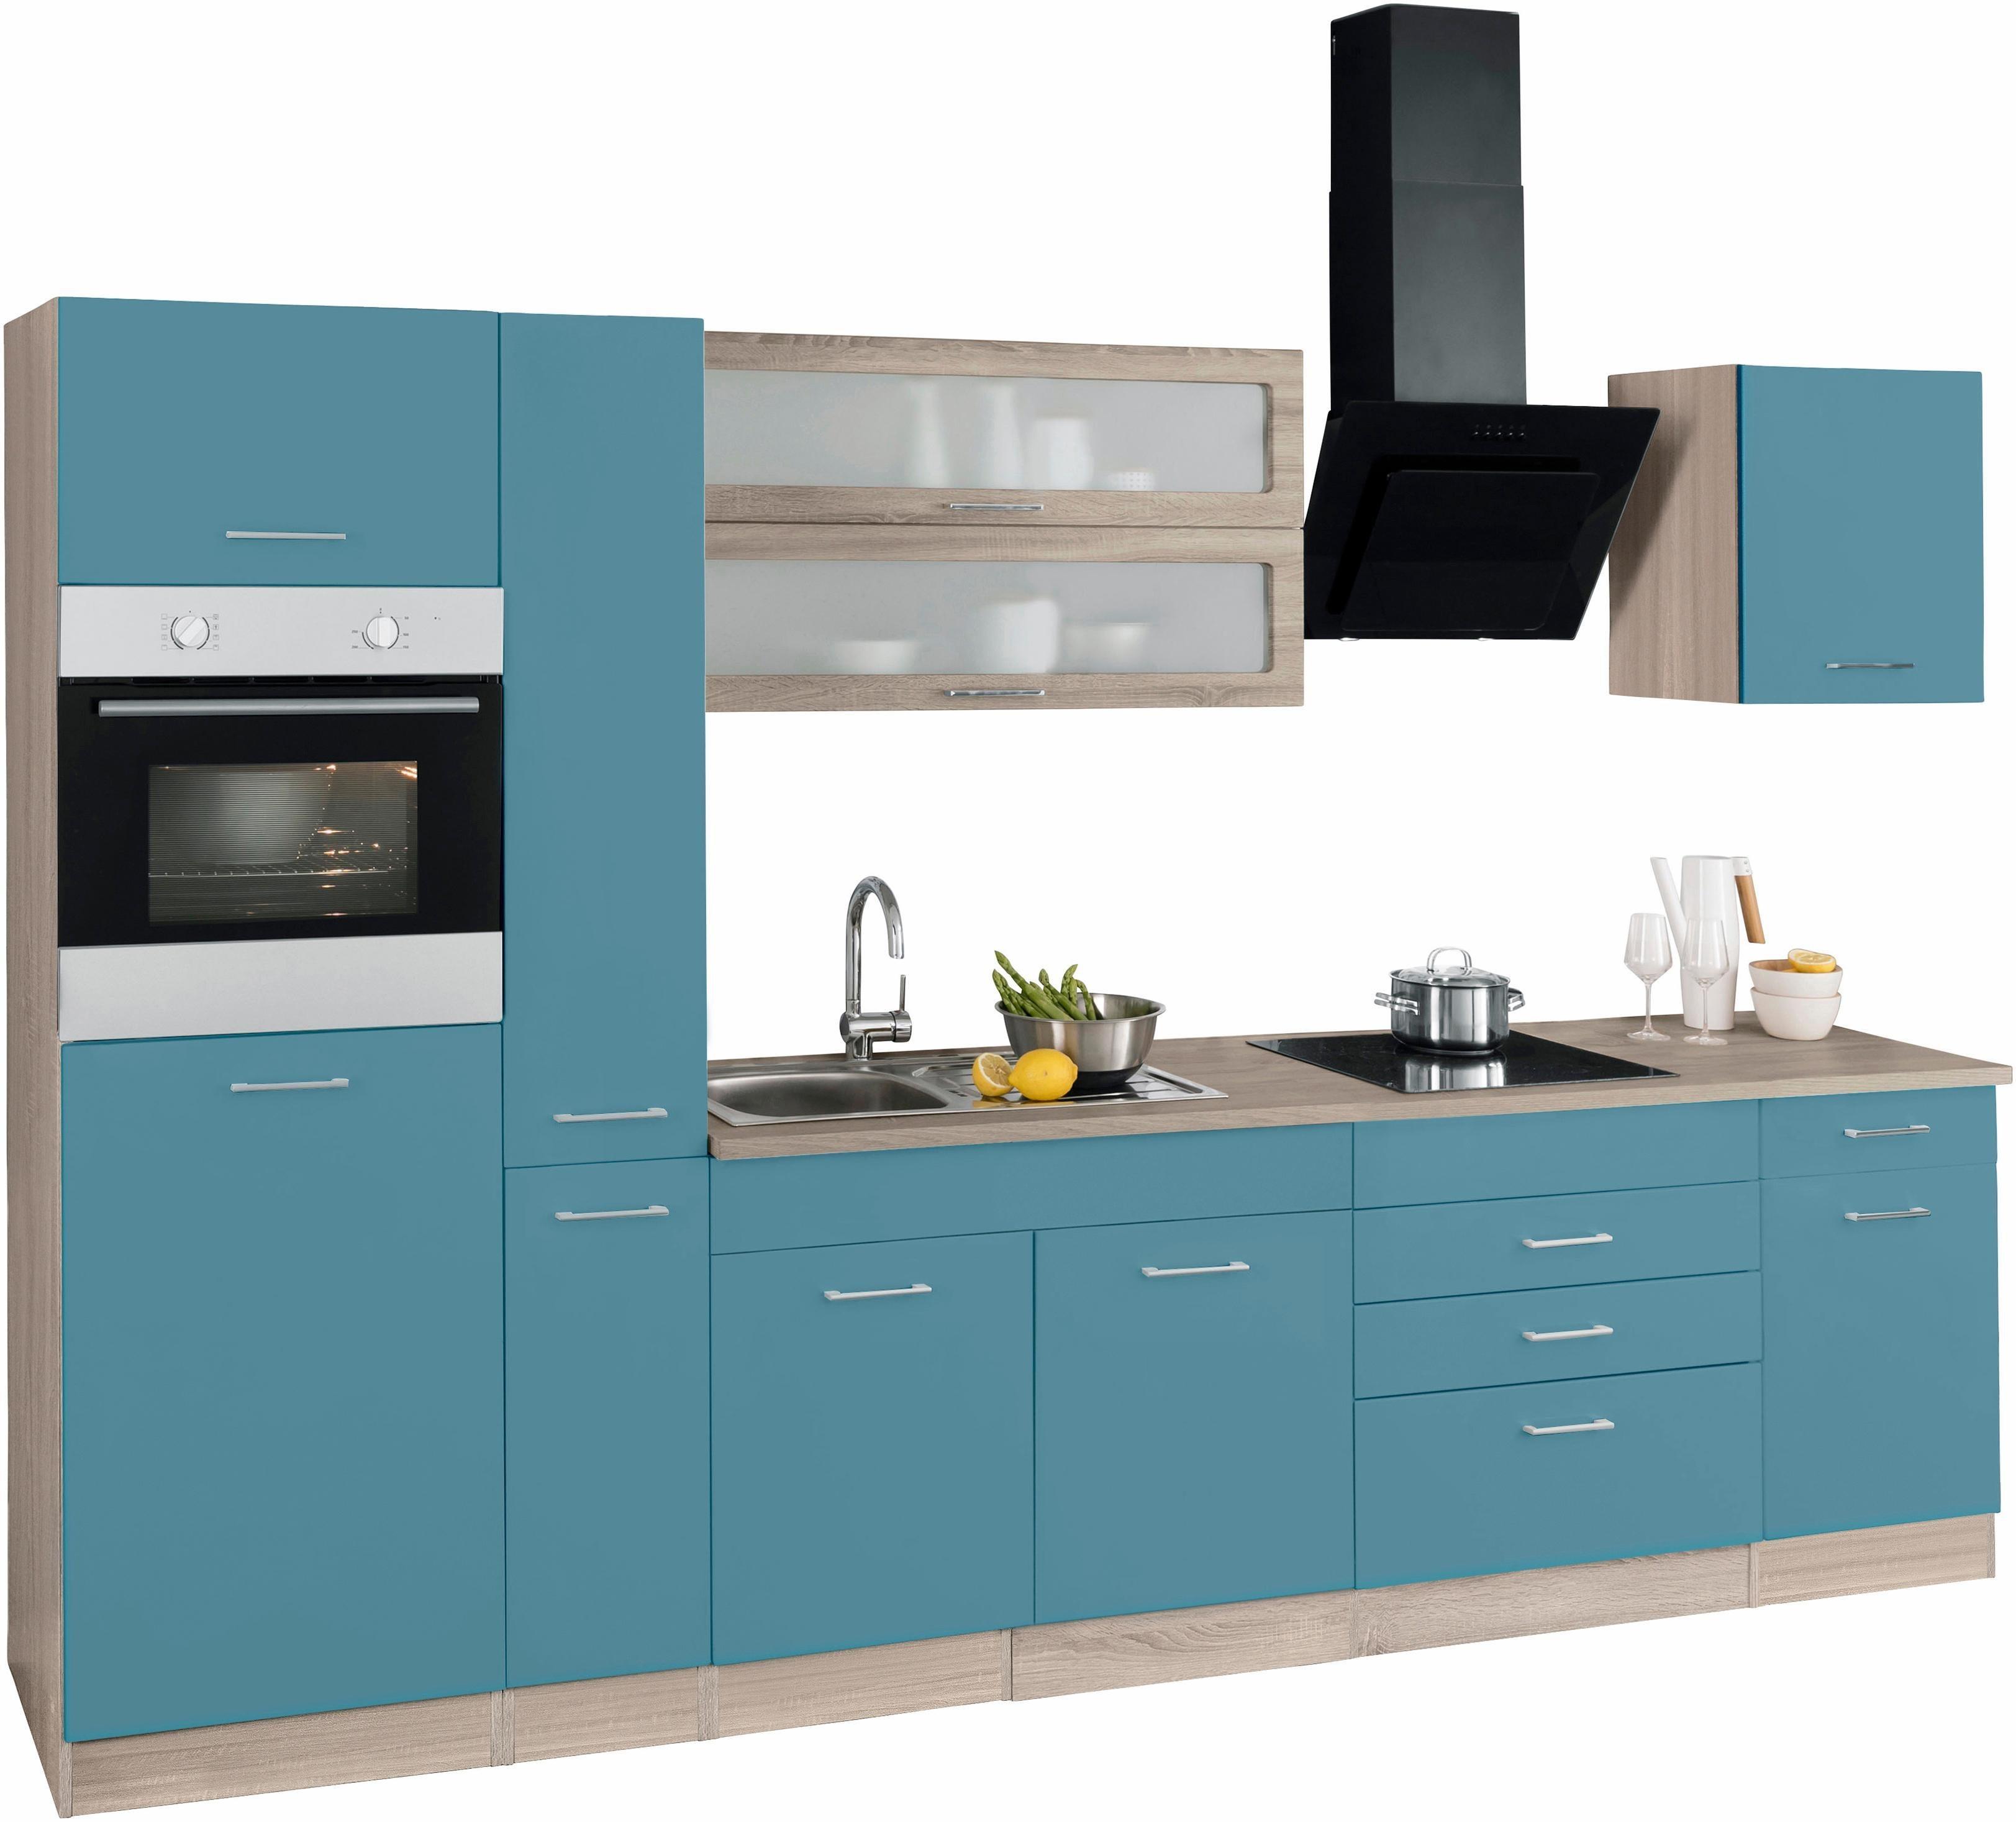 held-moebel Küchenzeilen online kaufen   Möbel-Suchmaschine ...